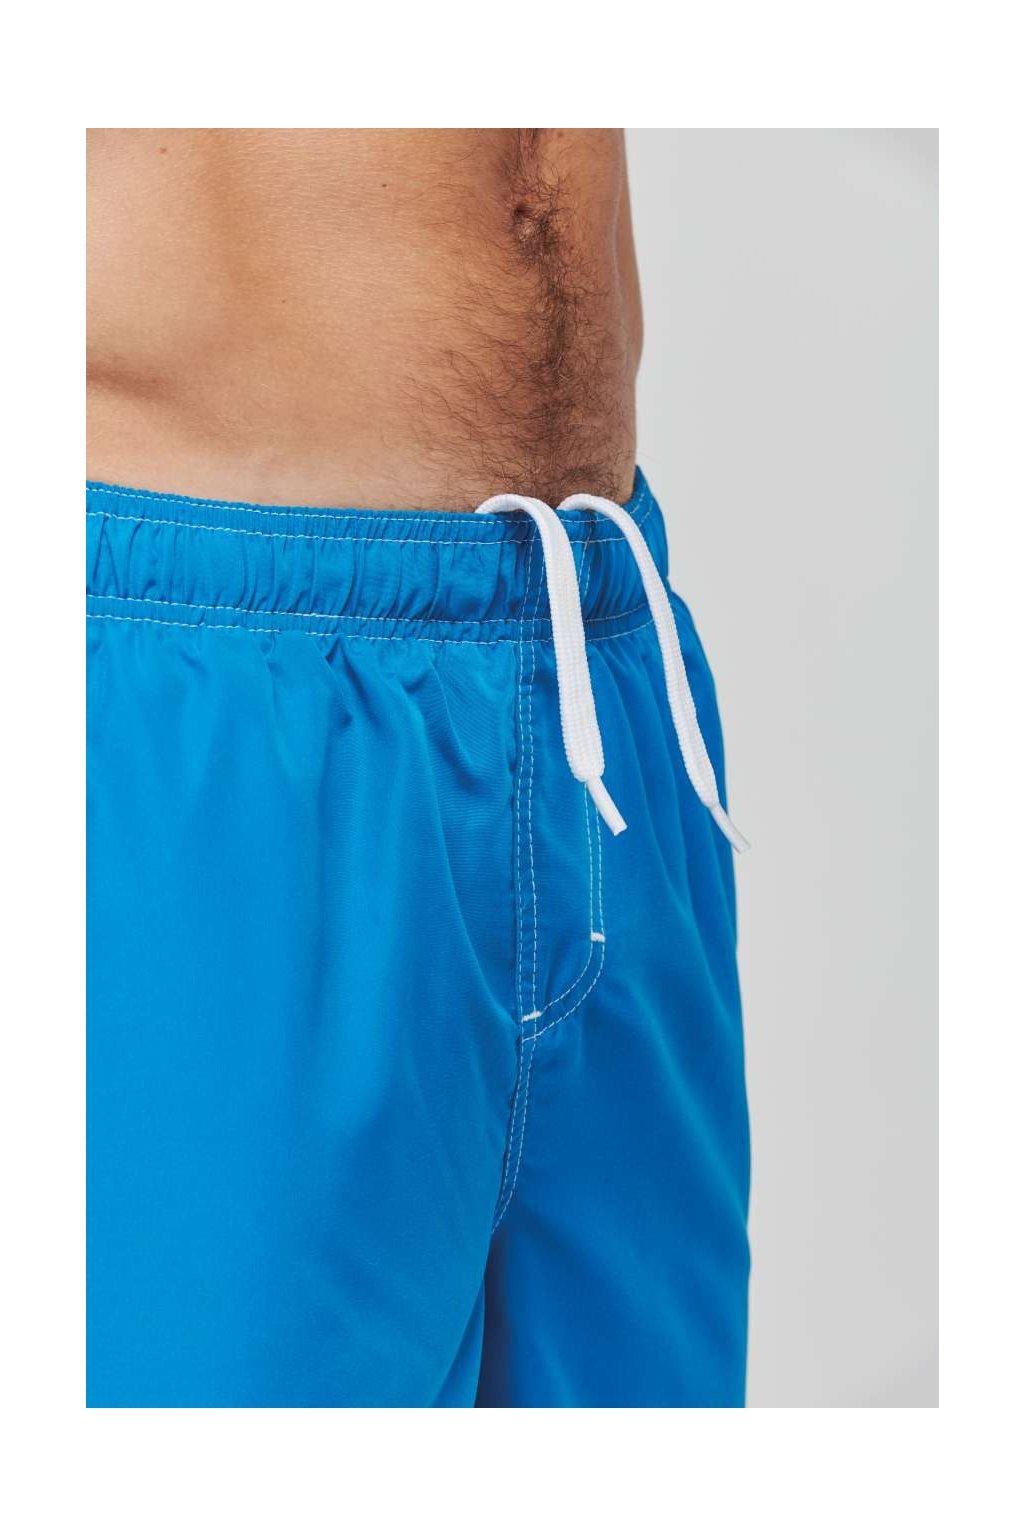 Pánské plavecké šortky SWIMSUIT